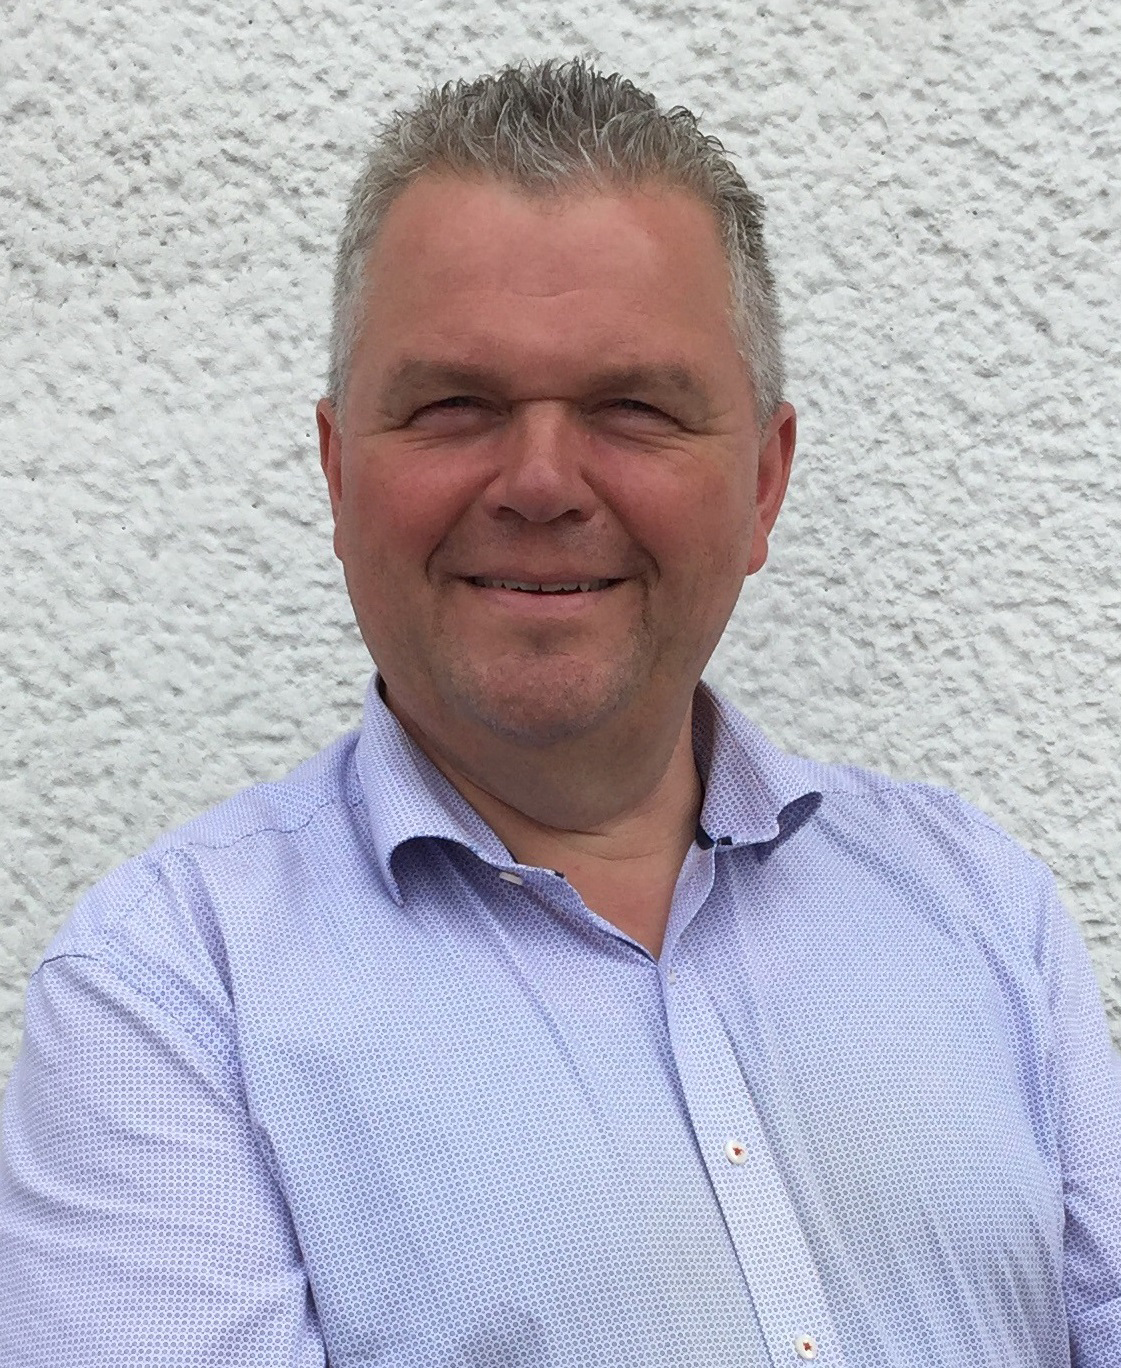 Rolf Küstner